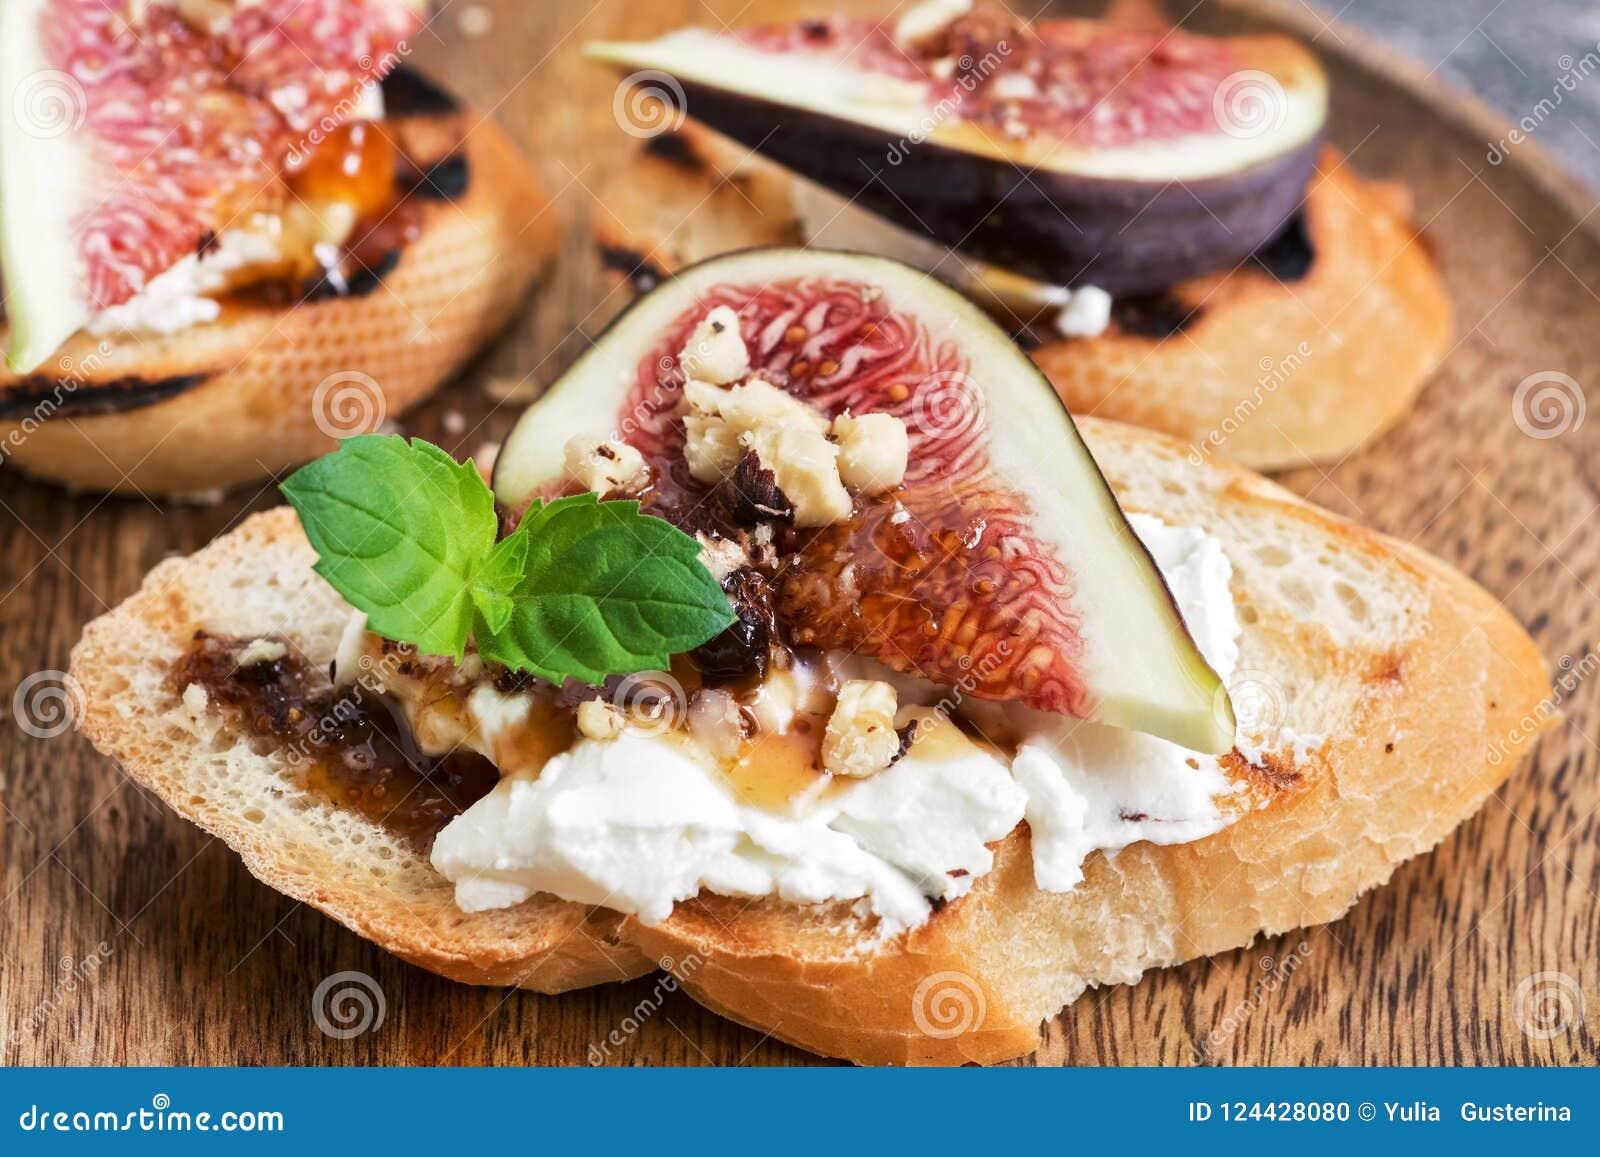 En smörgås med fikonträd, ost, muttrar och honung Selektiv fokus, närbild